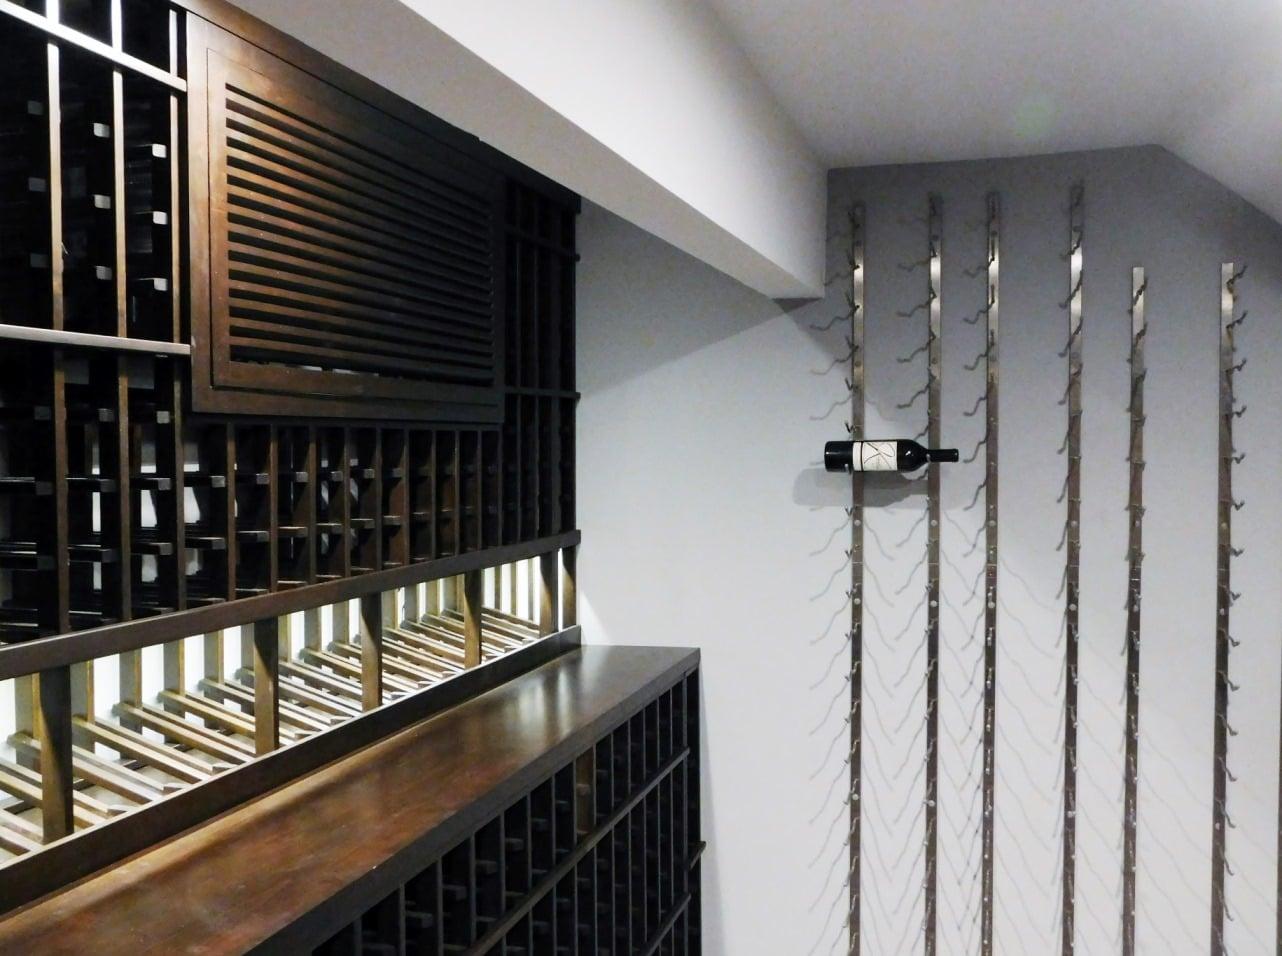 Alder Wood and VintageView Metal Wine Cellar Racks